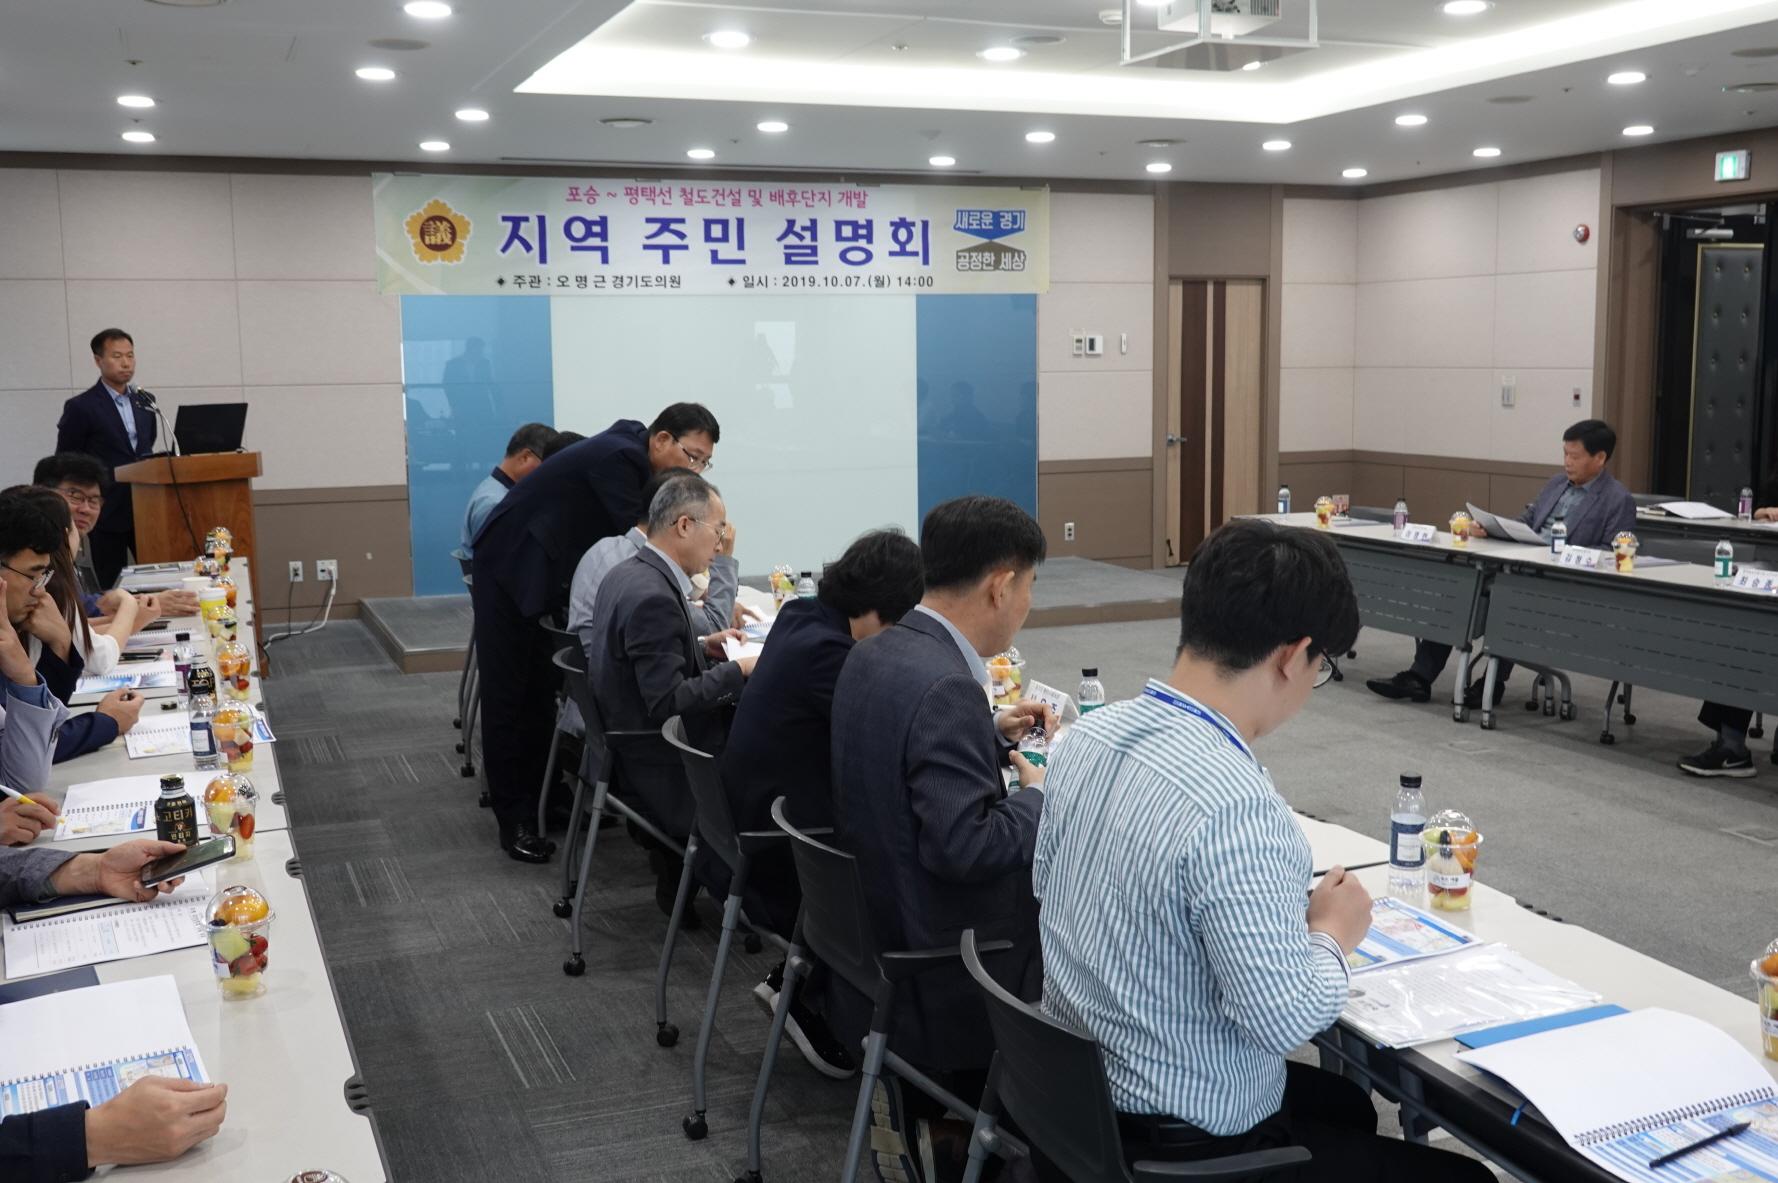 '포승~평택선 철도건설 및 배후단지개발' 주민설명회 개최